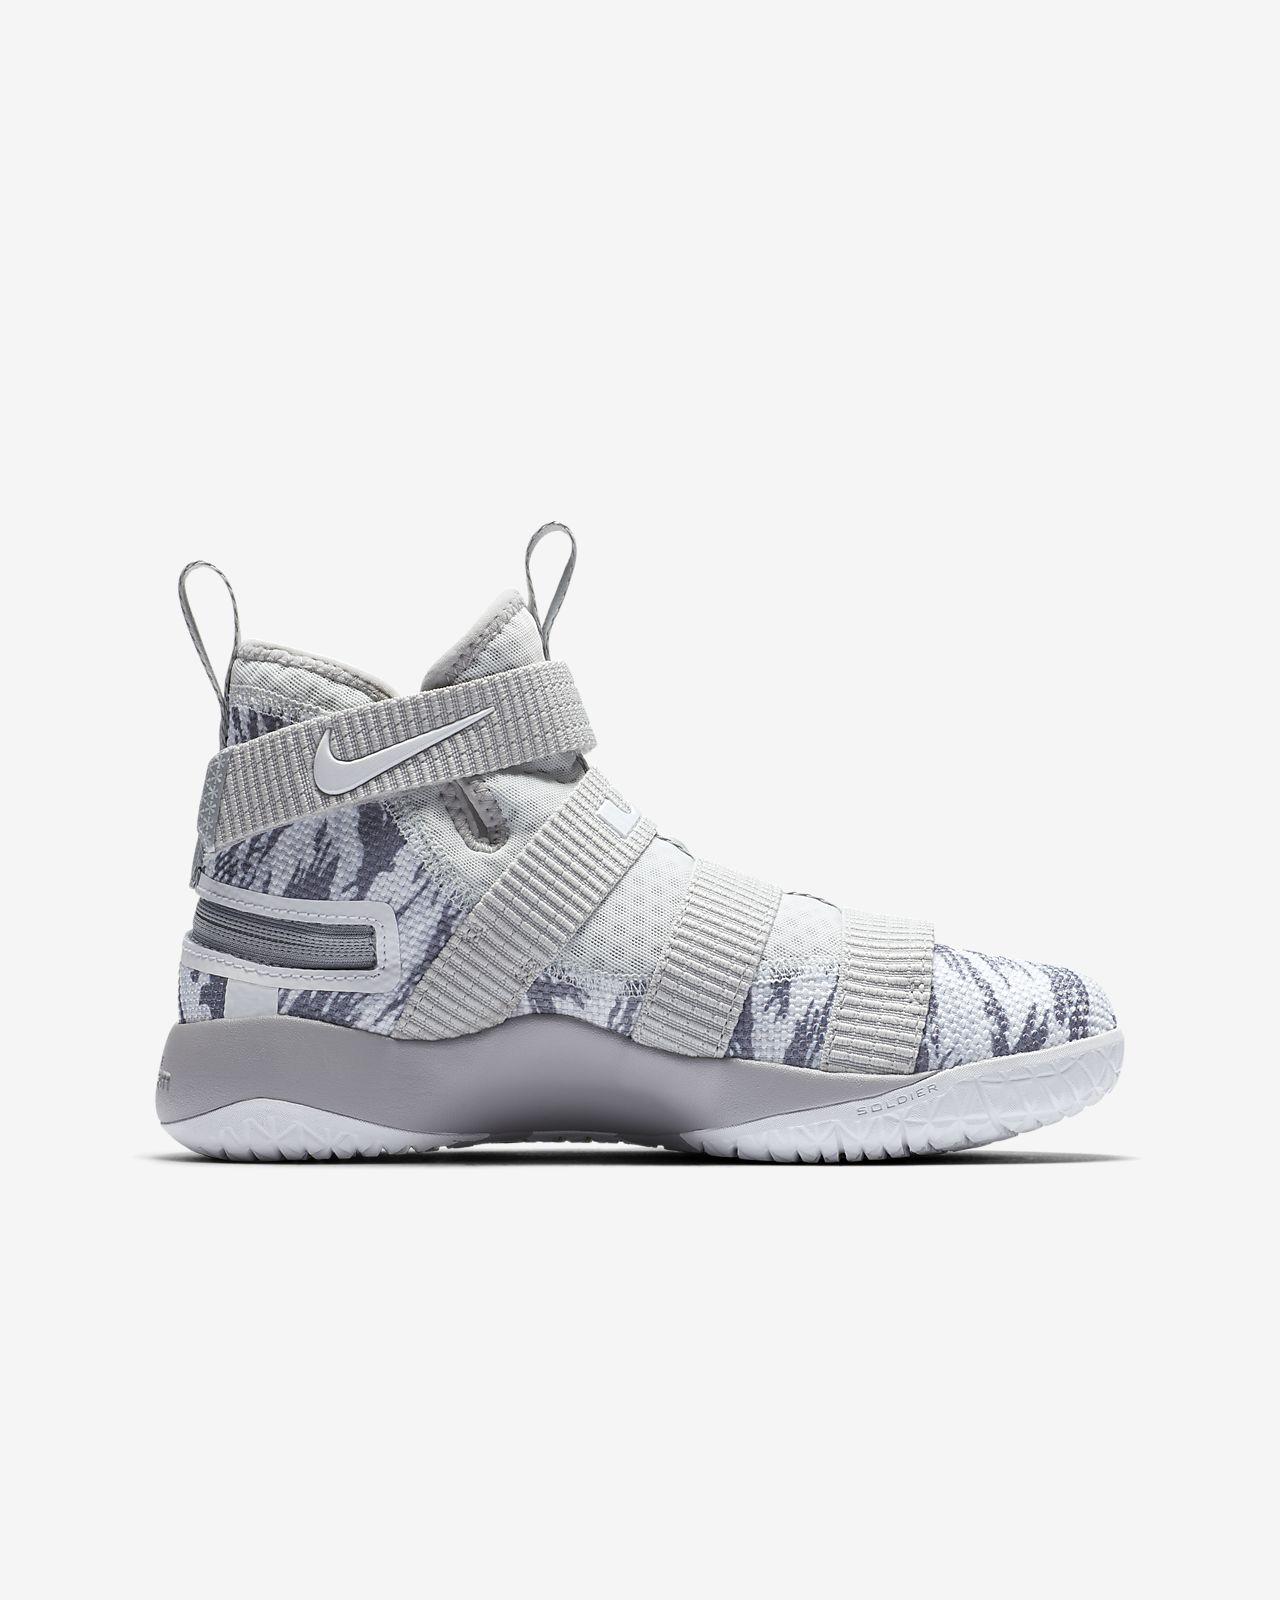 af5d69529c0 LeBron Soldier 11 FlyEase Big Kids  Basketball Shoe. Nike.com